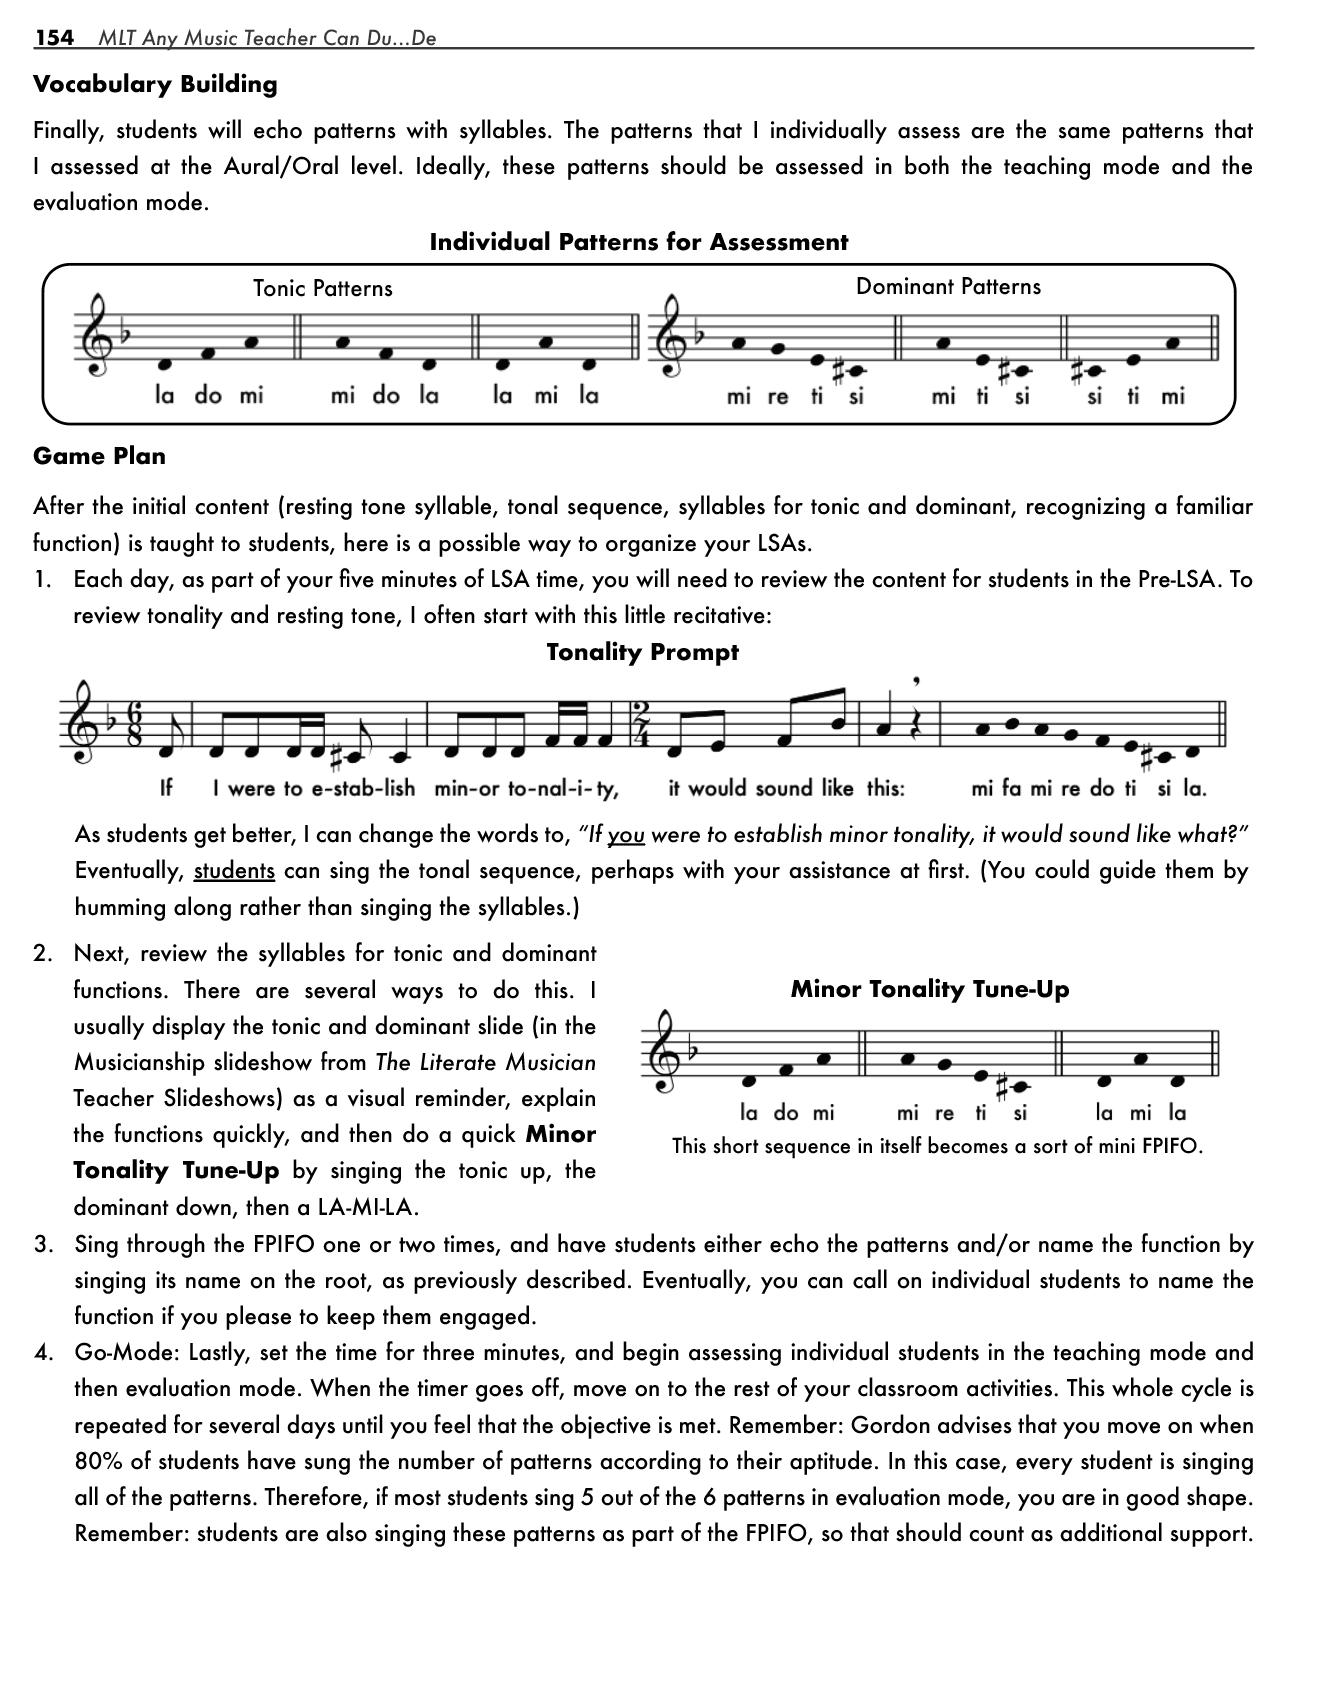 mlt any music teacher can dude9 - MLT Any Music Teacher Can Du…De